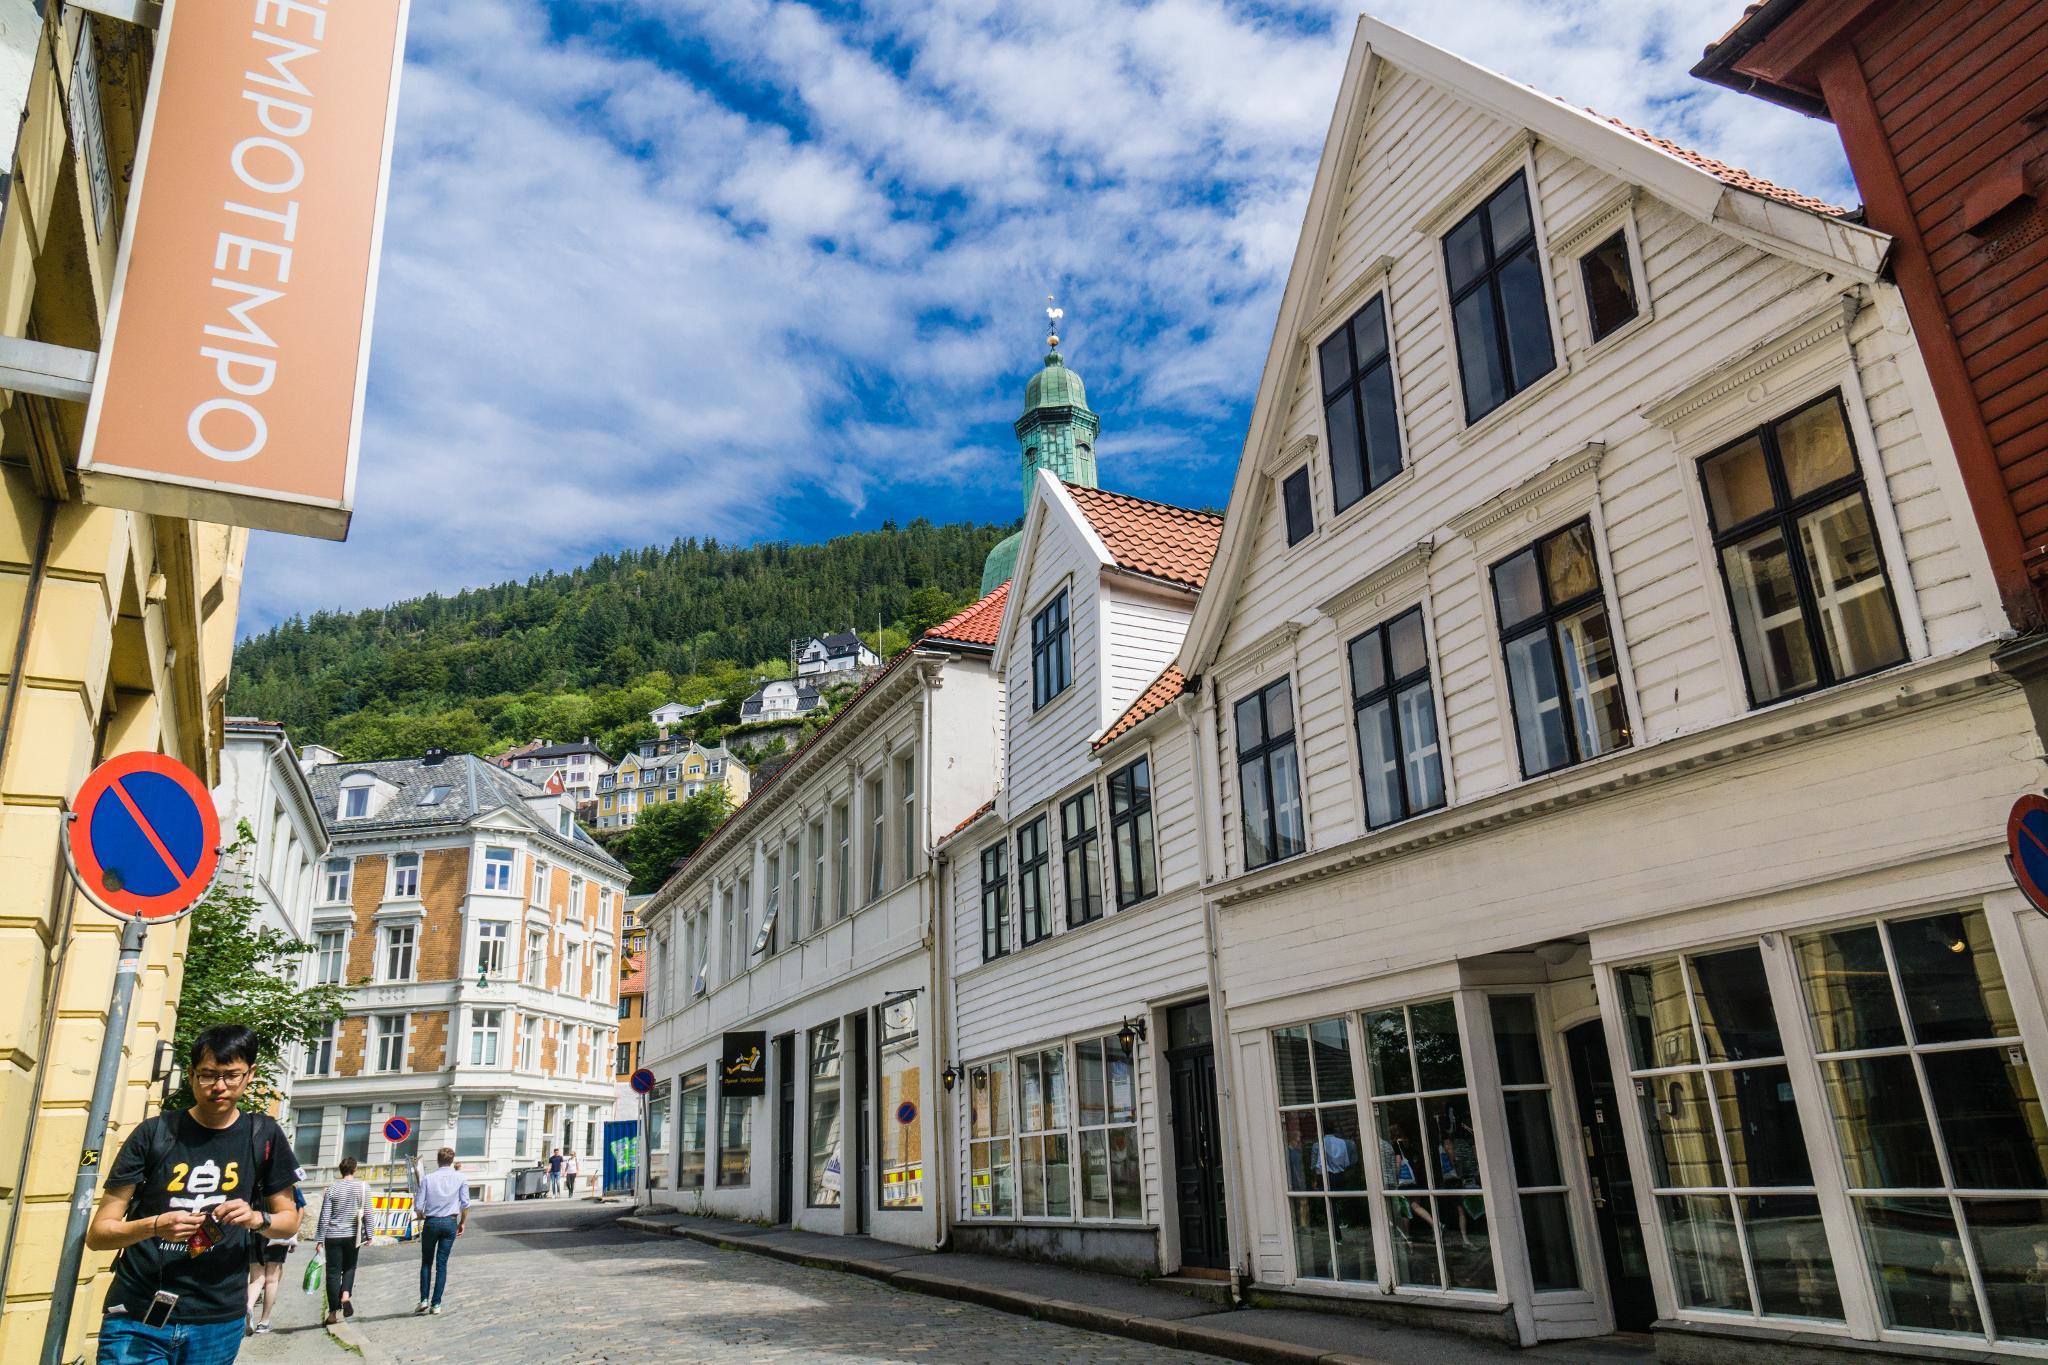 【卑爾根】童話北歐!卑爾根自由行景點全攻略 147